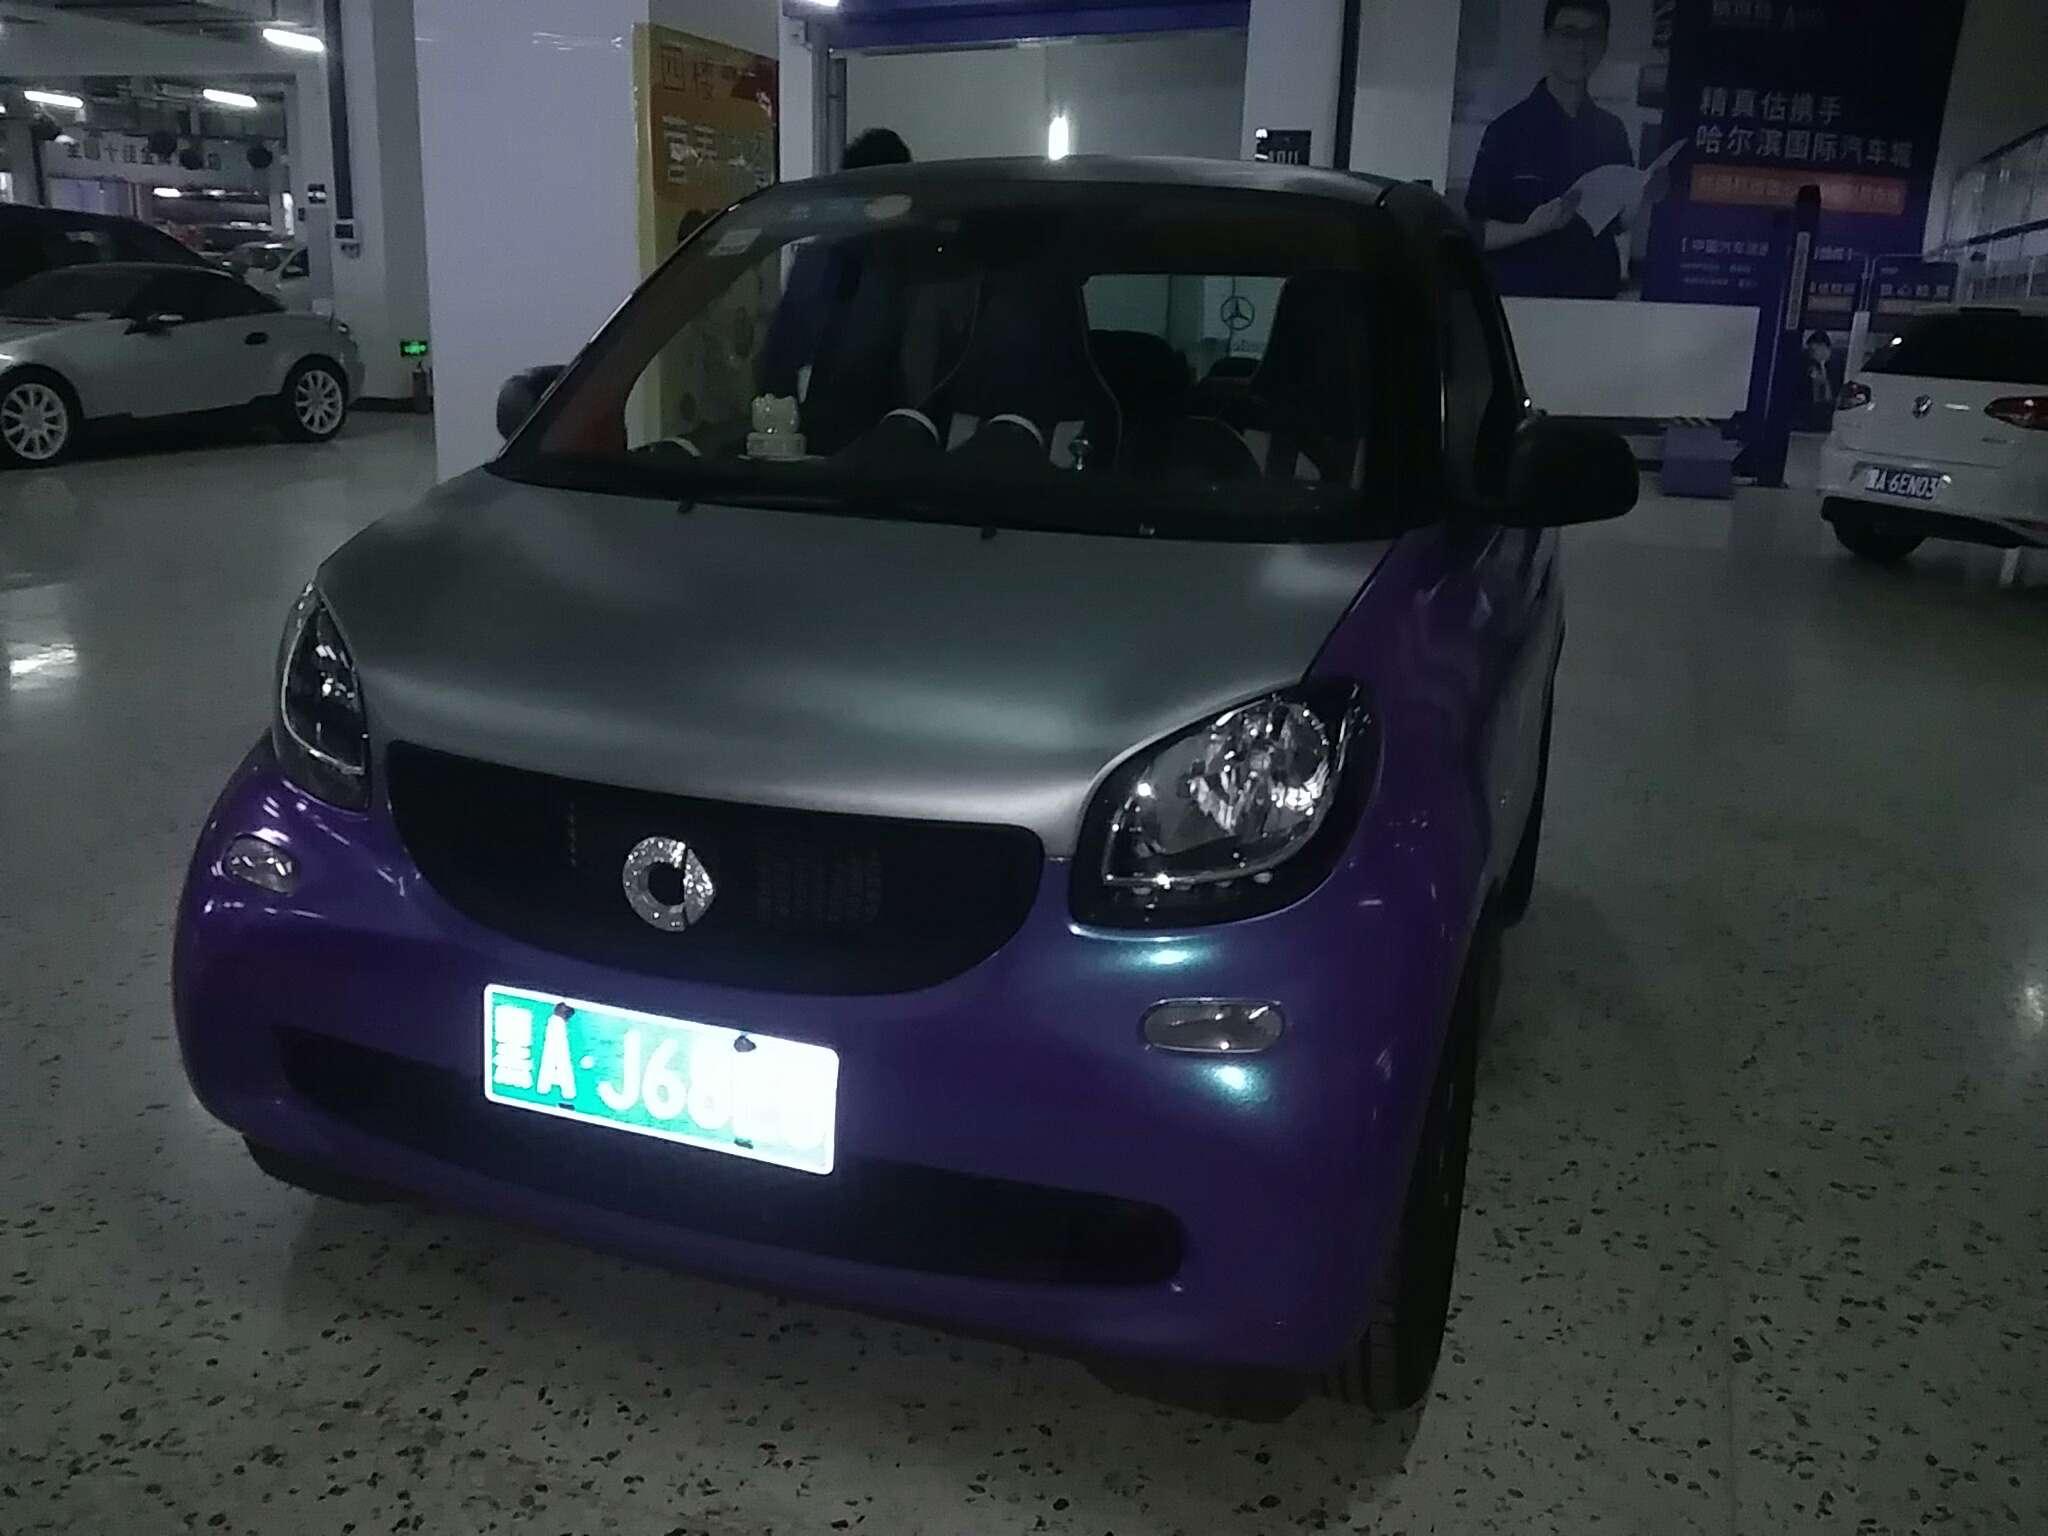 精真估提供二手车smart fortwo 2015款 1.0L 双离合 灵动版